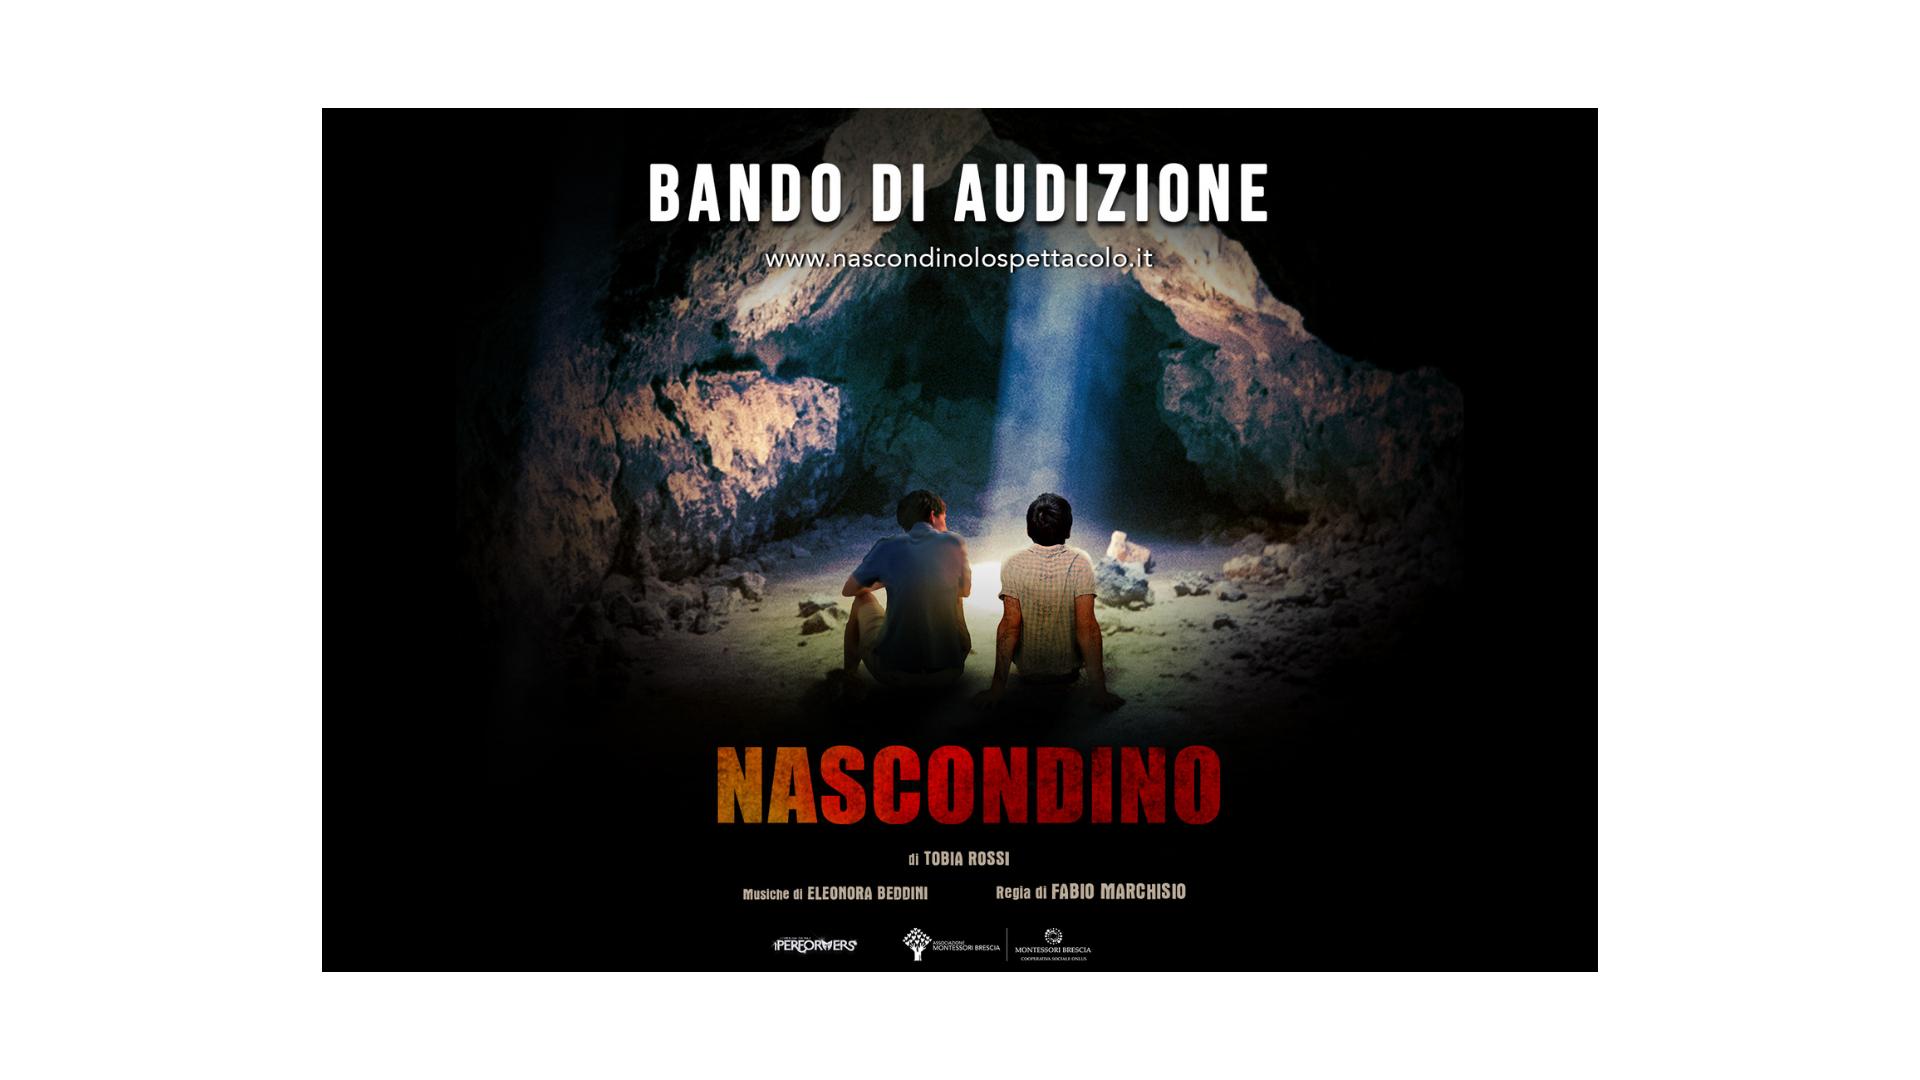 """Bando di audizioni under 16 per lo spettacolo pedagogico """"Nascondino"""", c'è tempo fino 9 maggio"""